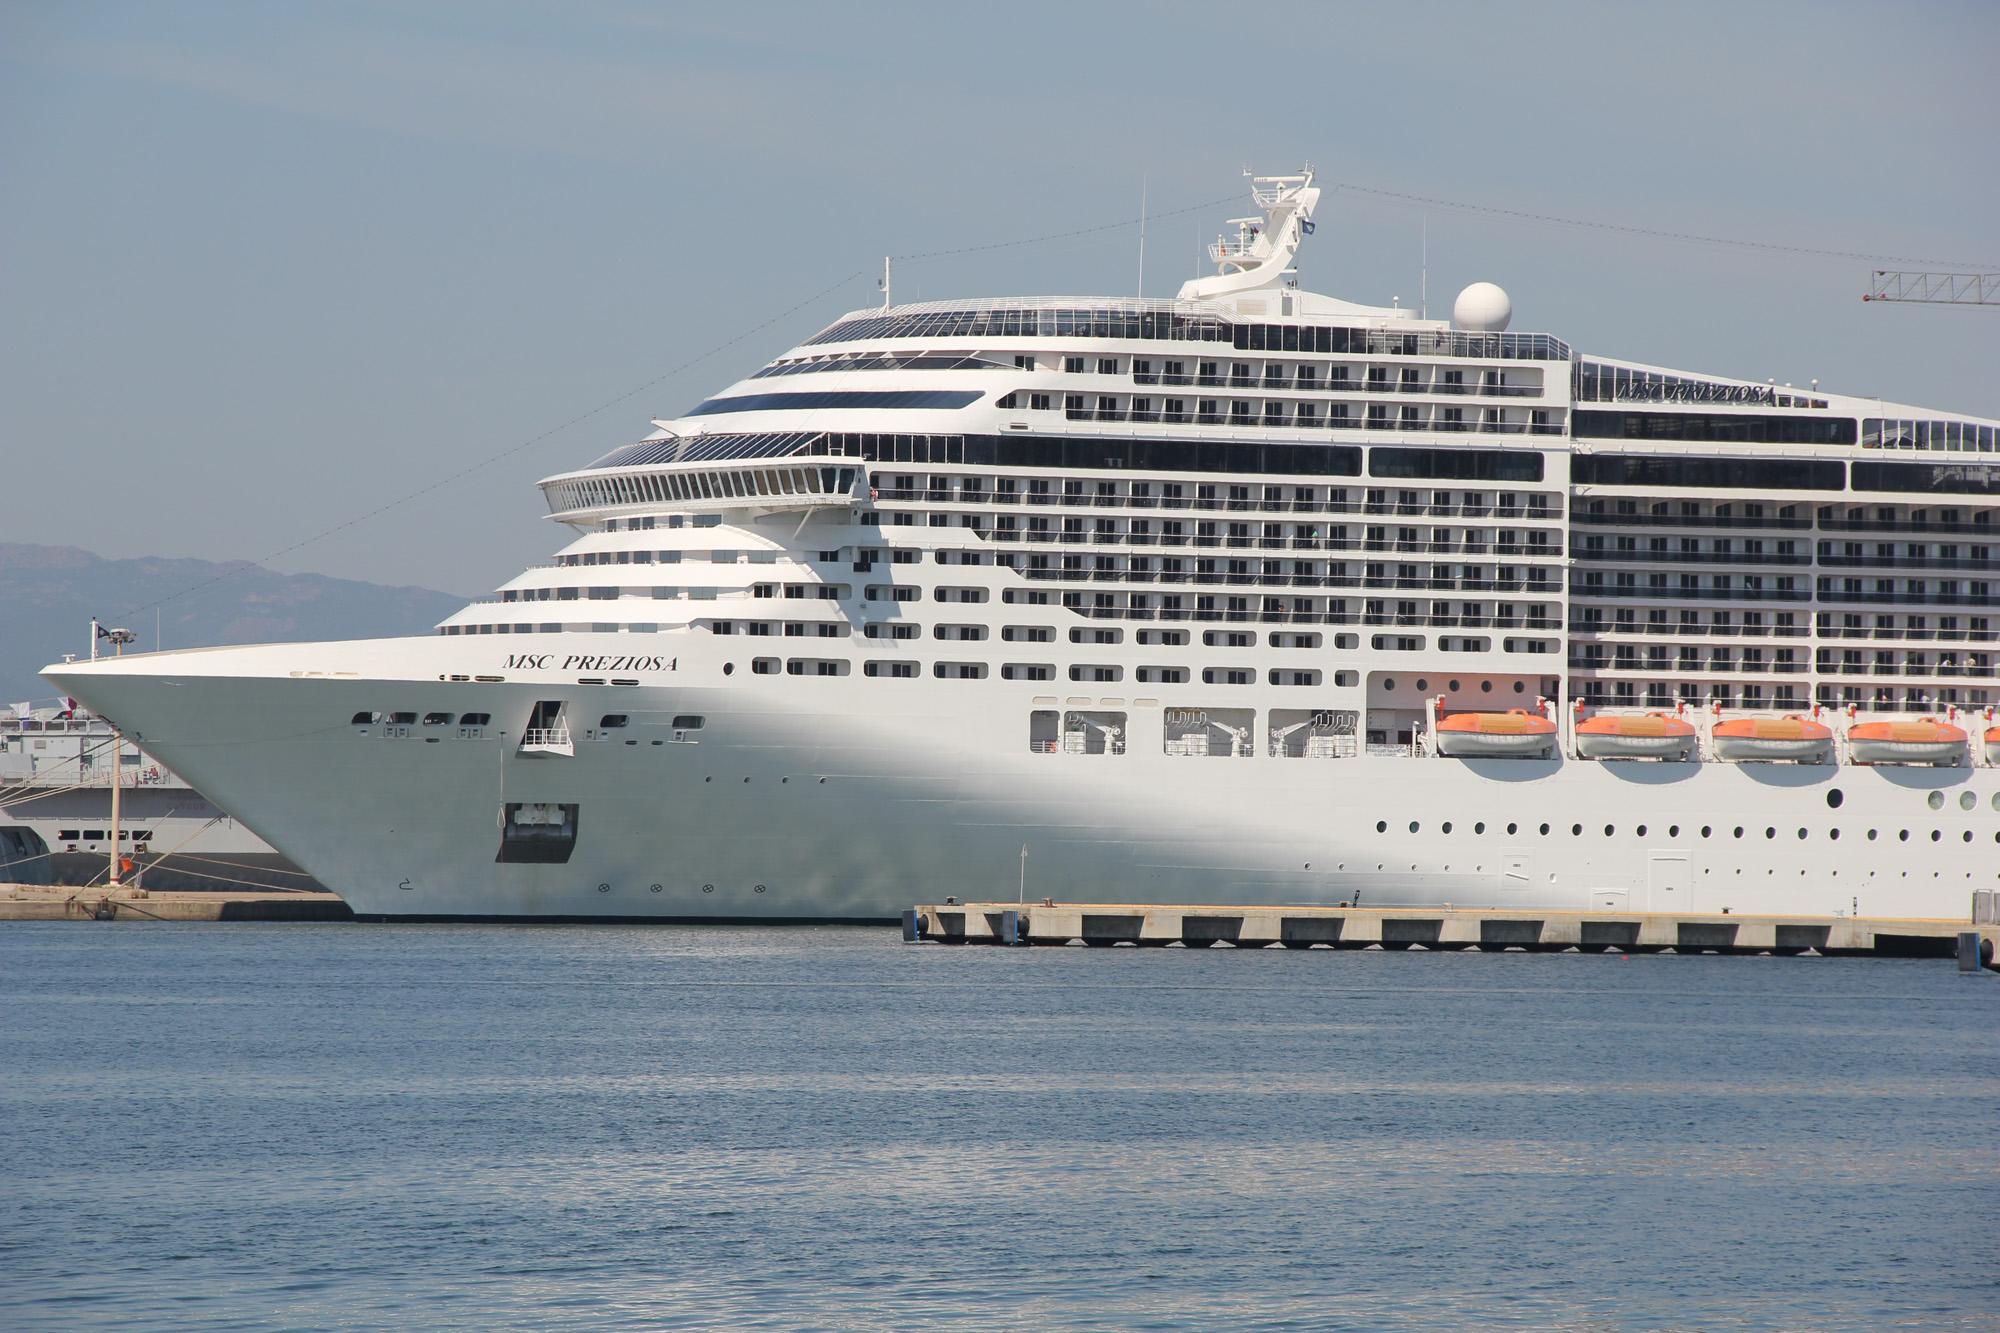 Nave in attracco al molo Ichnusa Cagliari